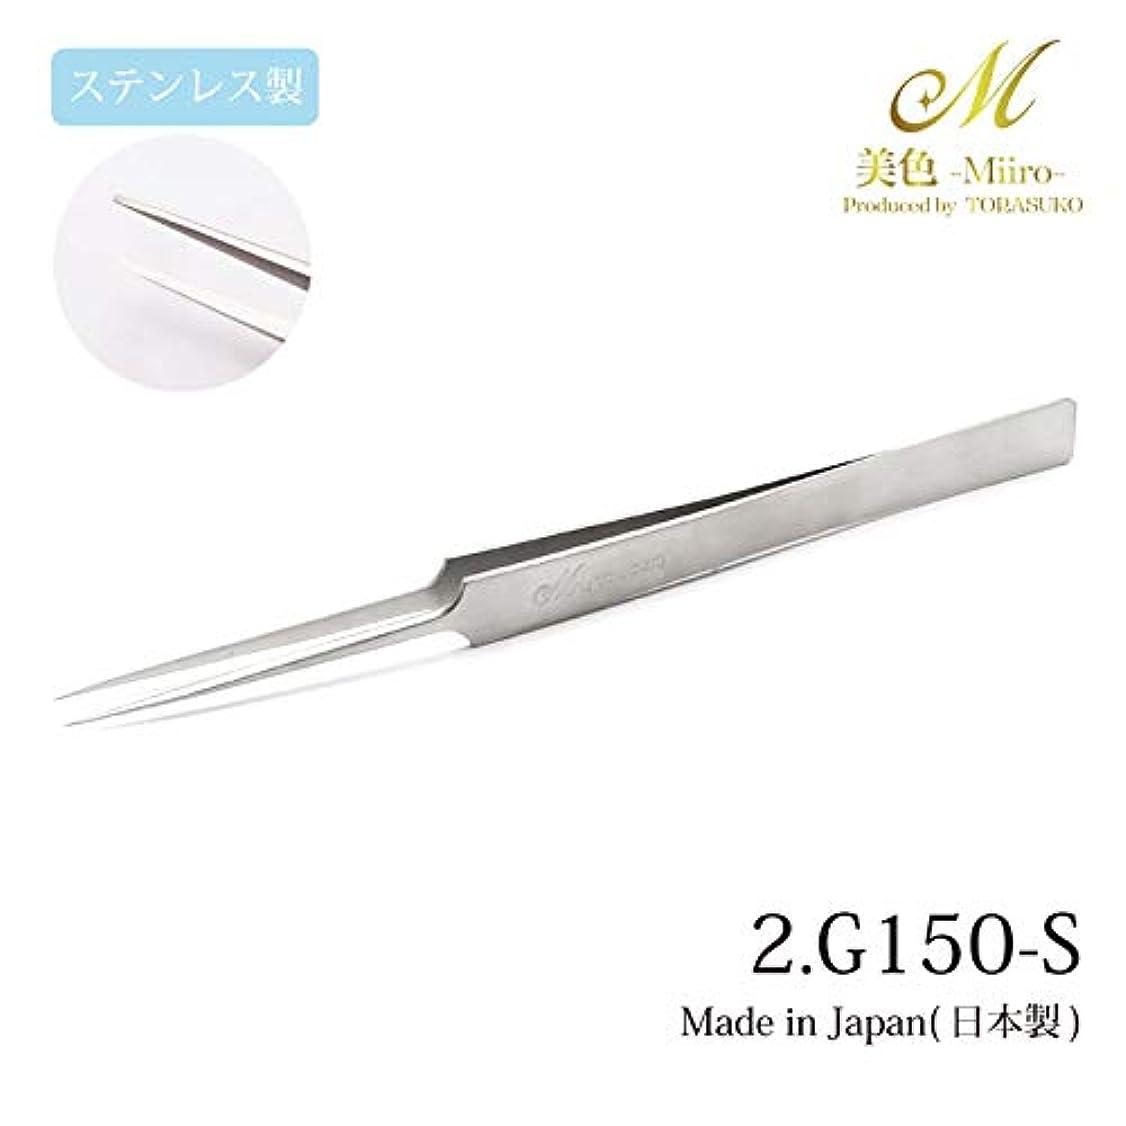 構成員マーベル精巧な日本製 ツイーザー 2.G150-S